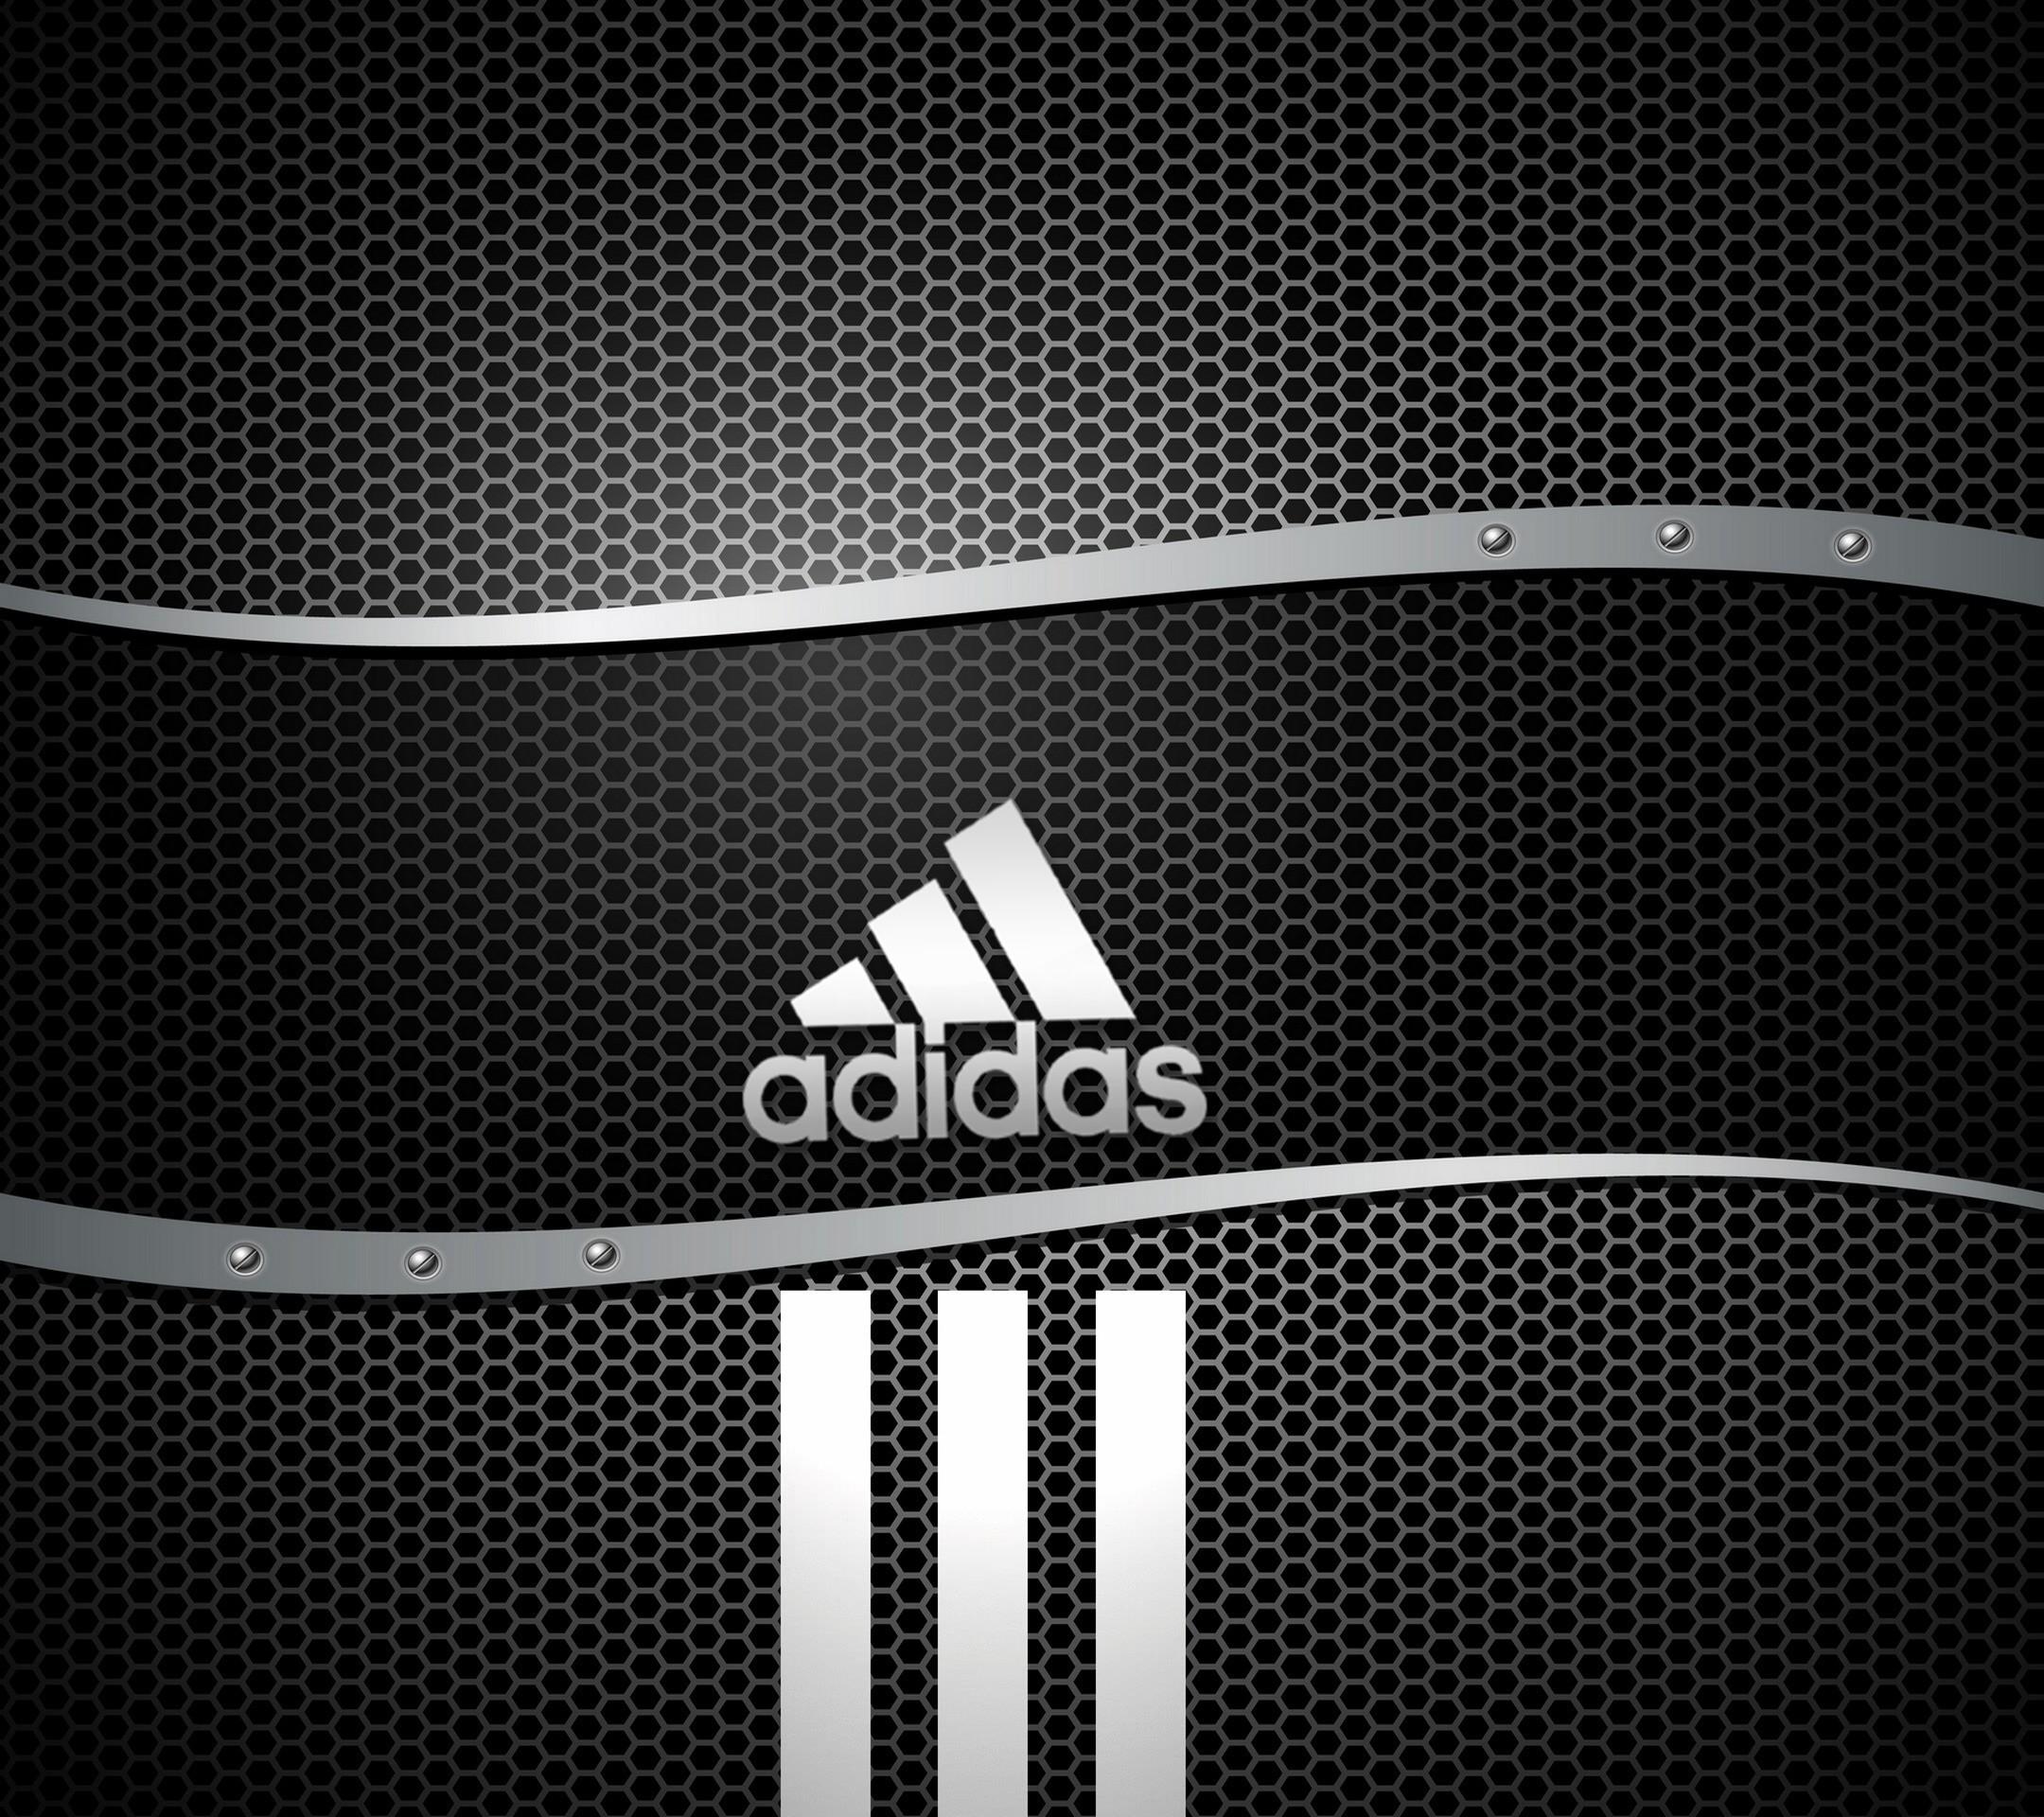 Original Adidas Logo Unique Adidas Original Rasta Wallpaper